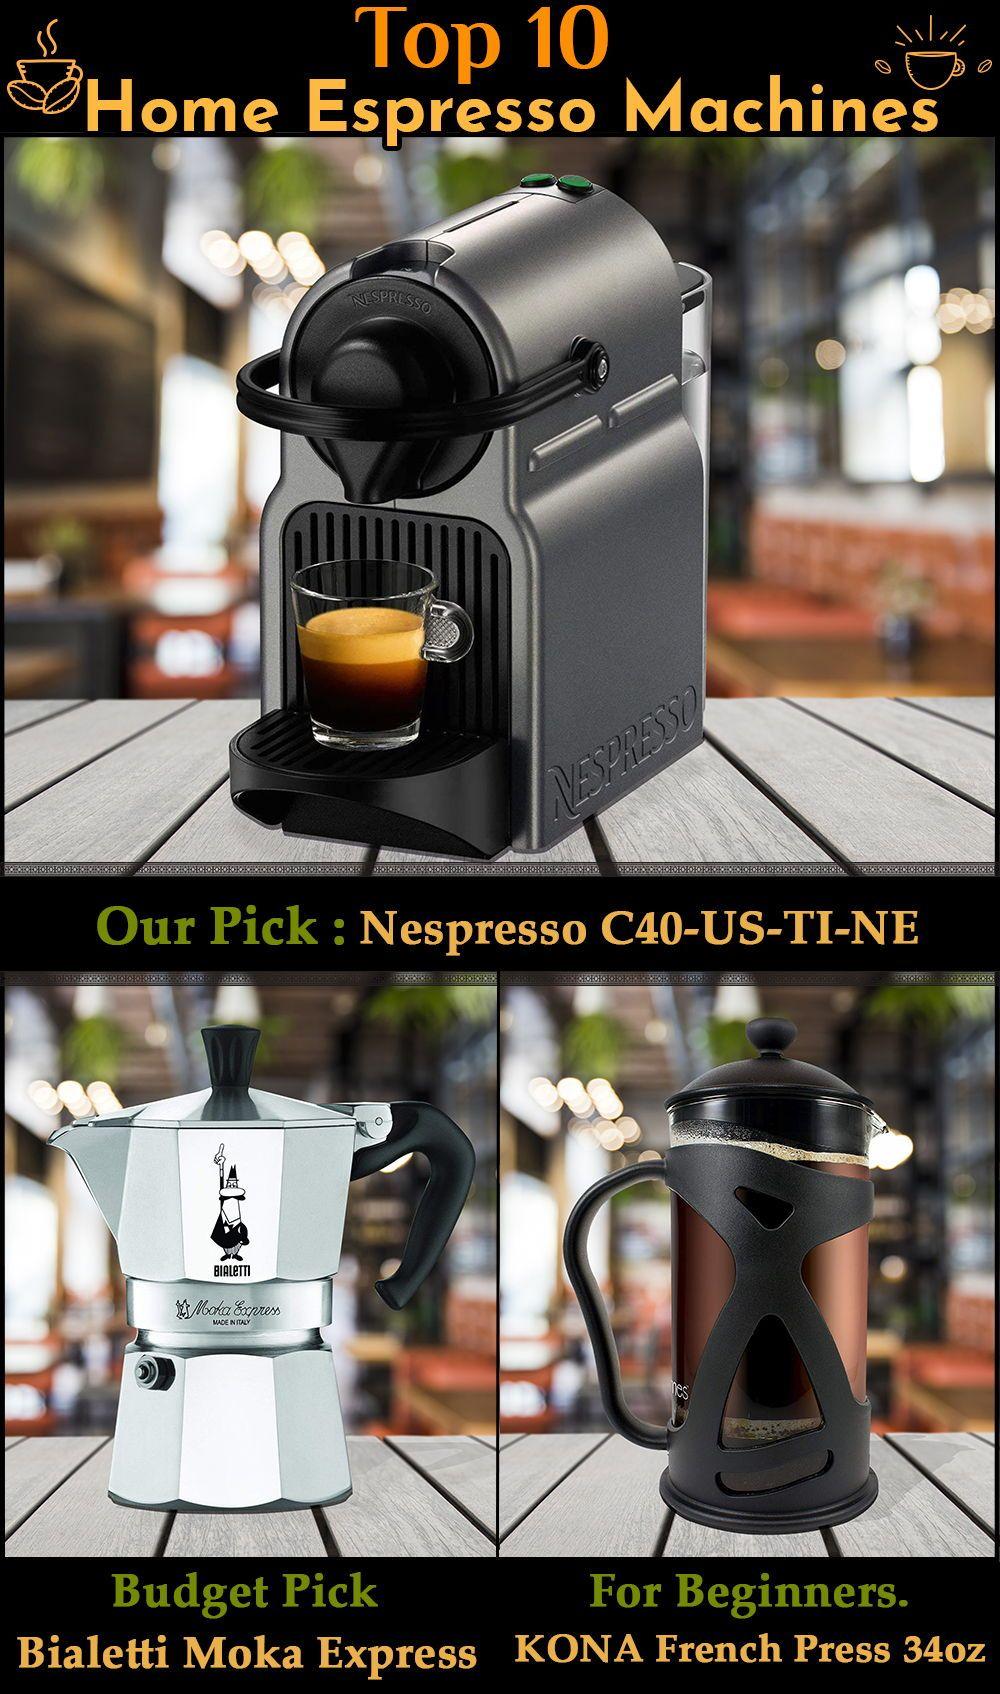 Top 10 Home Espresso Machines (Feb. 2020) Reviews